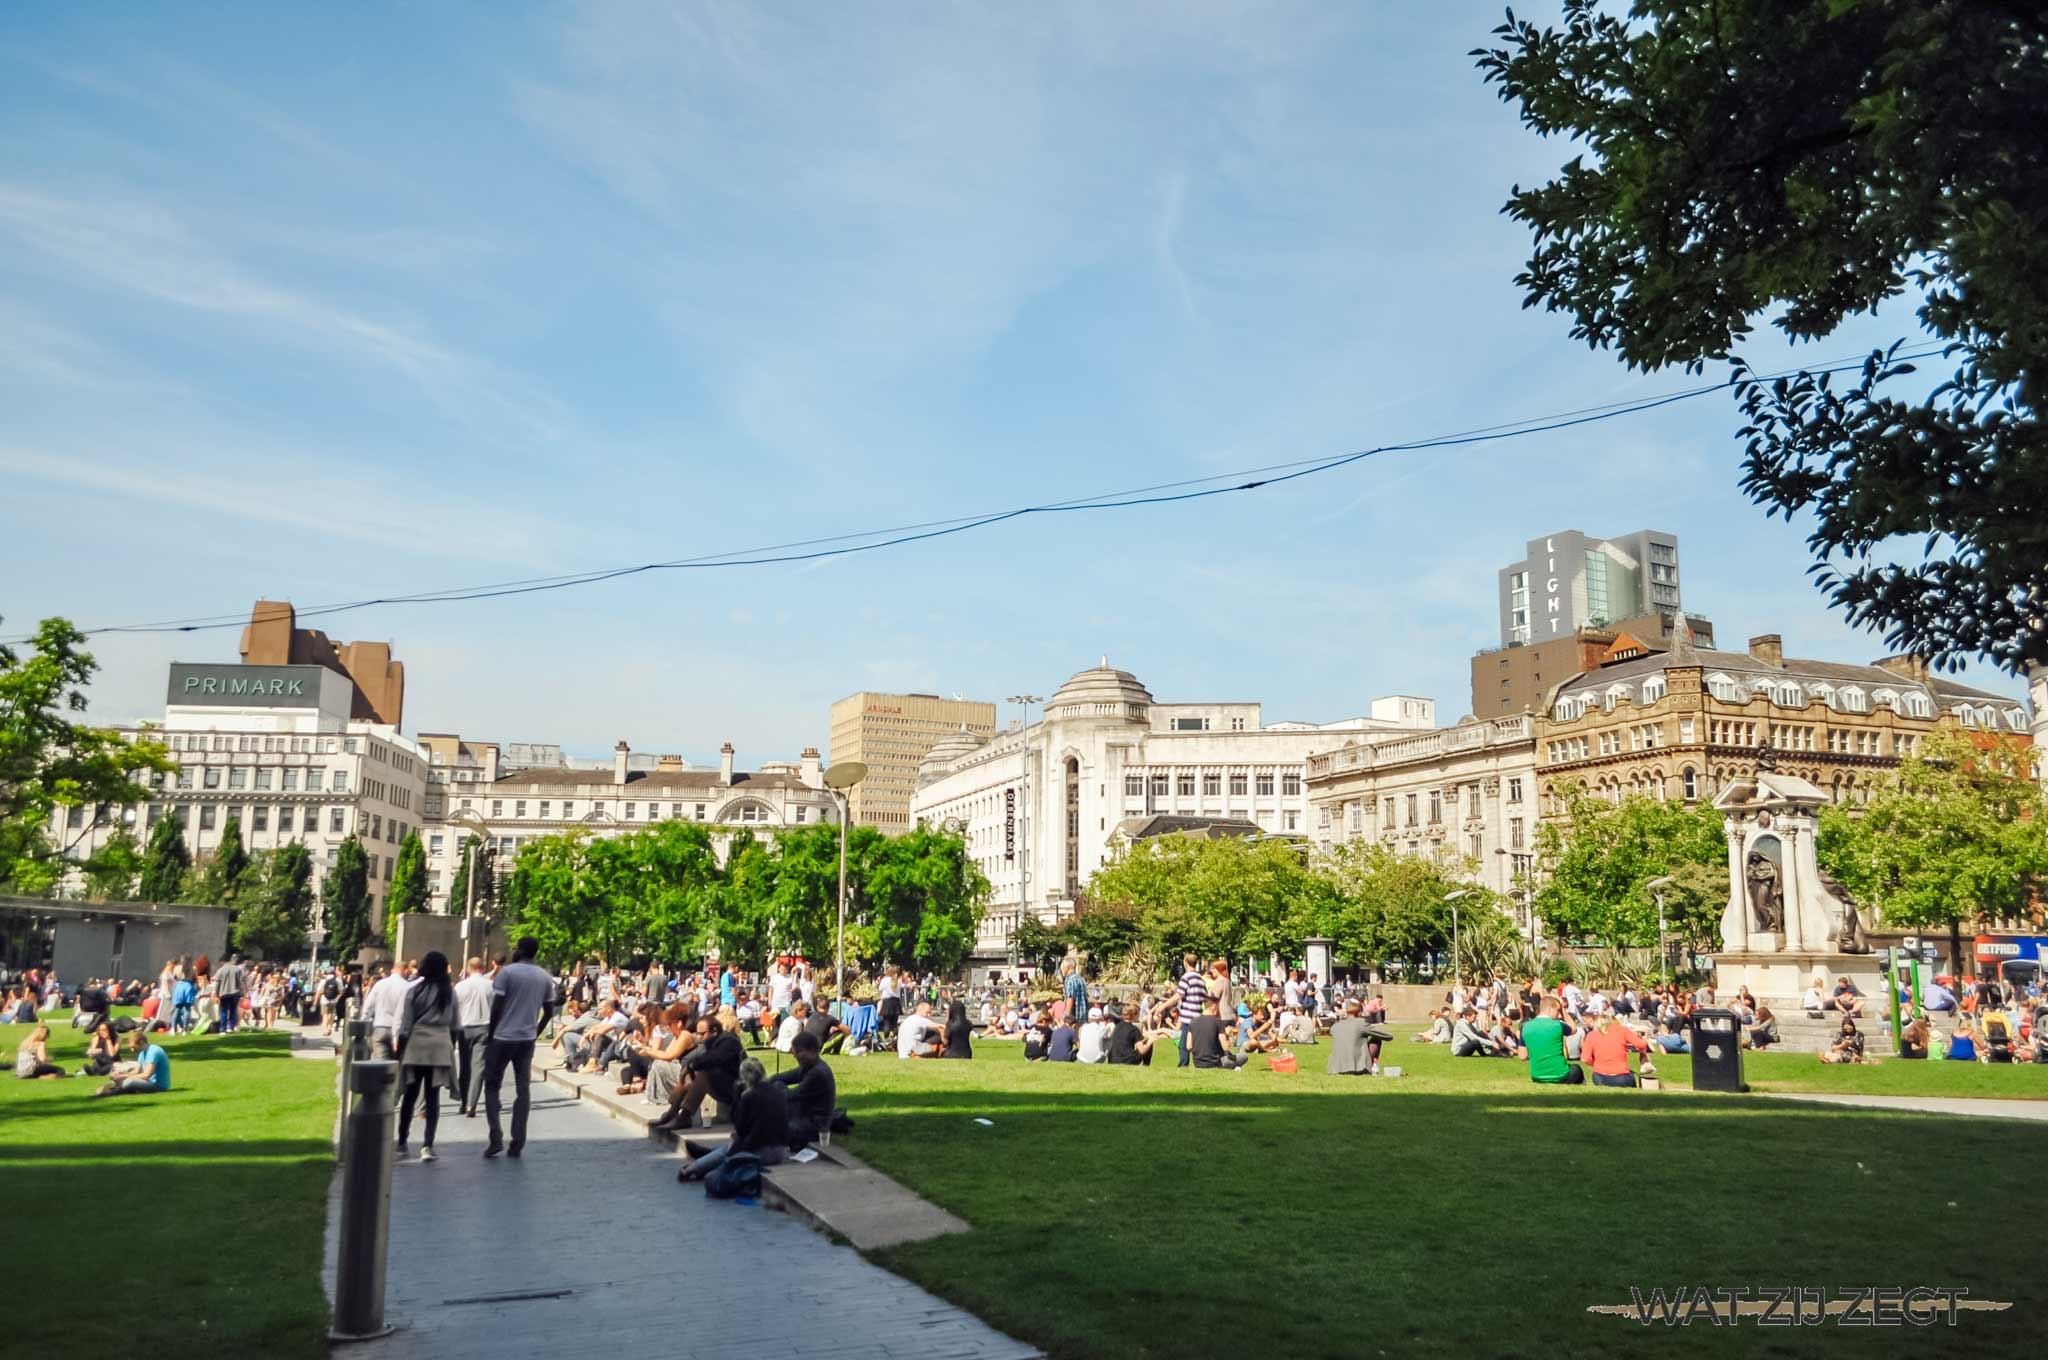 Chillen in de Piccadilly Gardens in Manchester